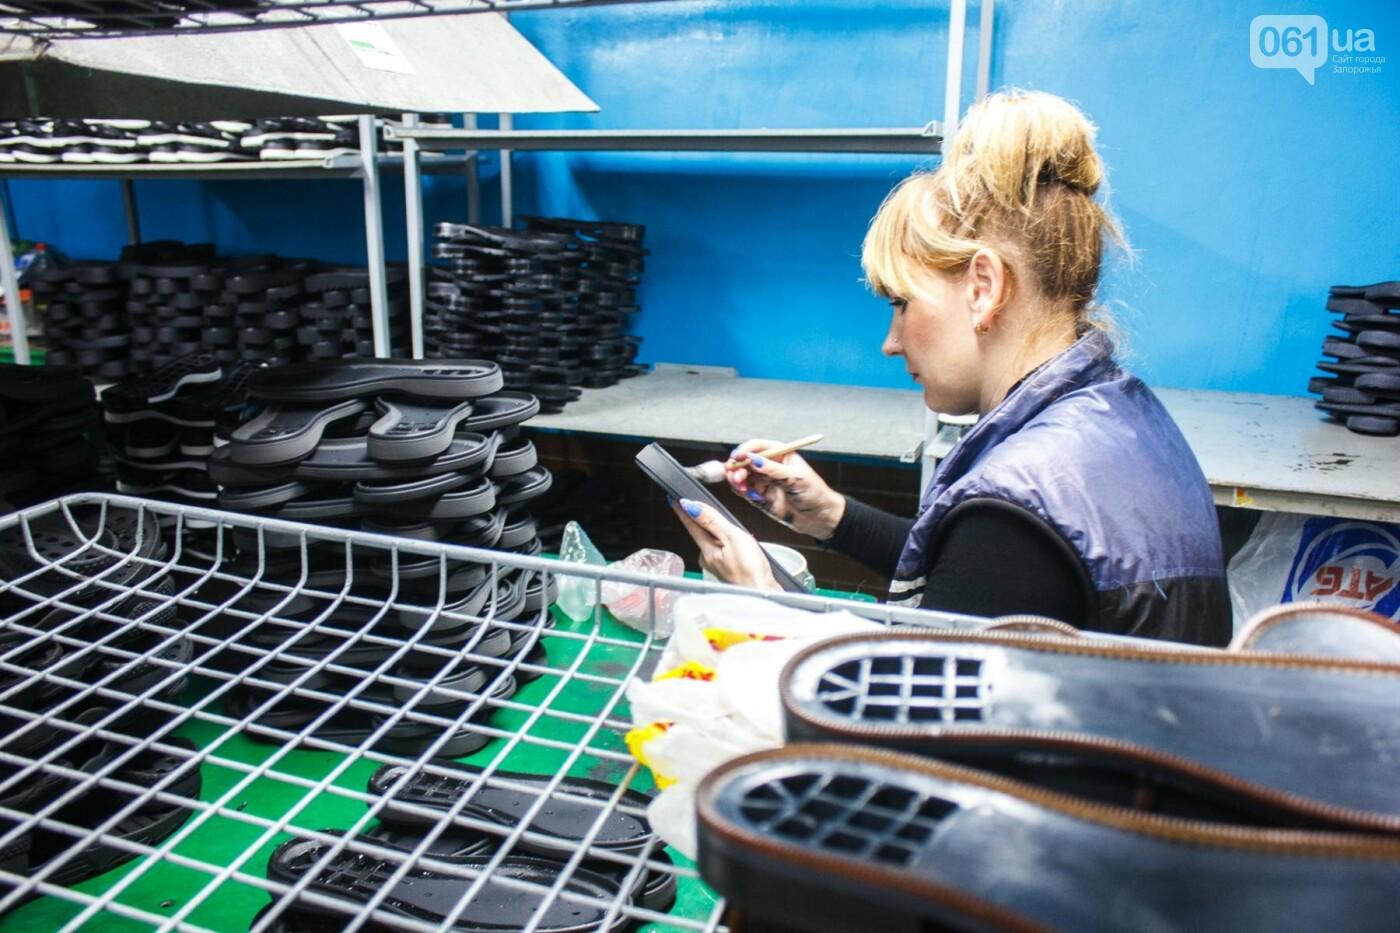 Как создается обувь: экскурсия на запорожскую обувную фабрику, – ФОТОРЕПОРТАЖ, фото-59